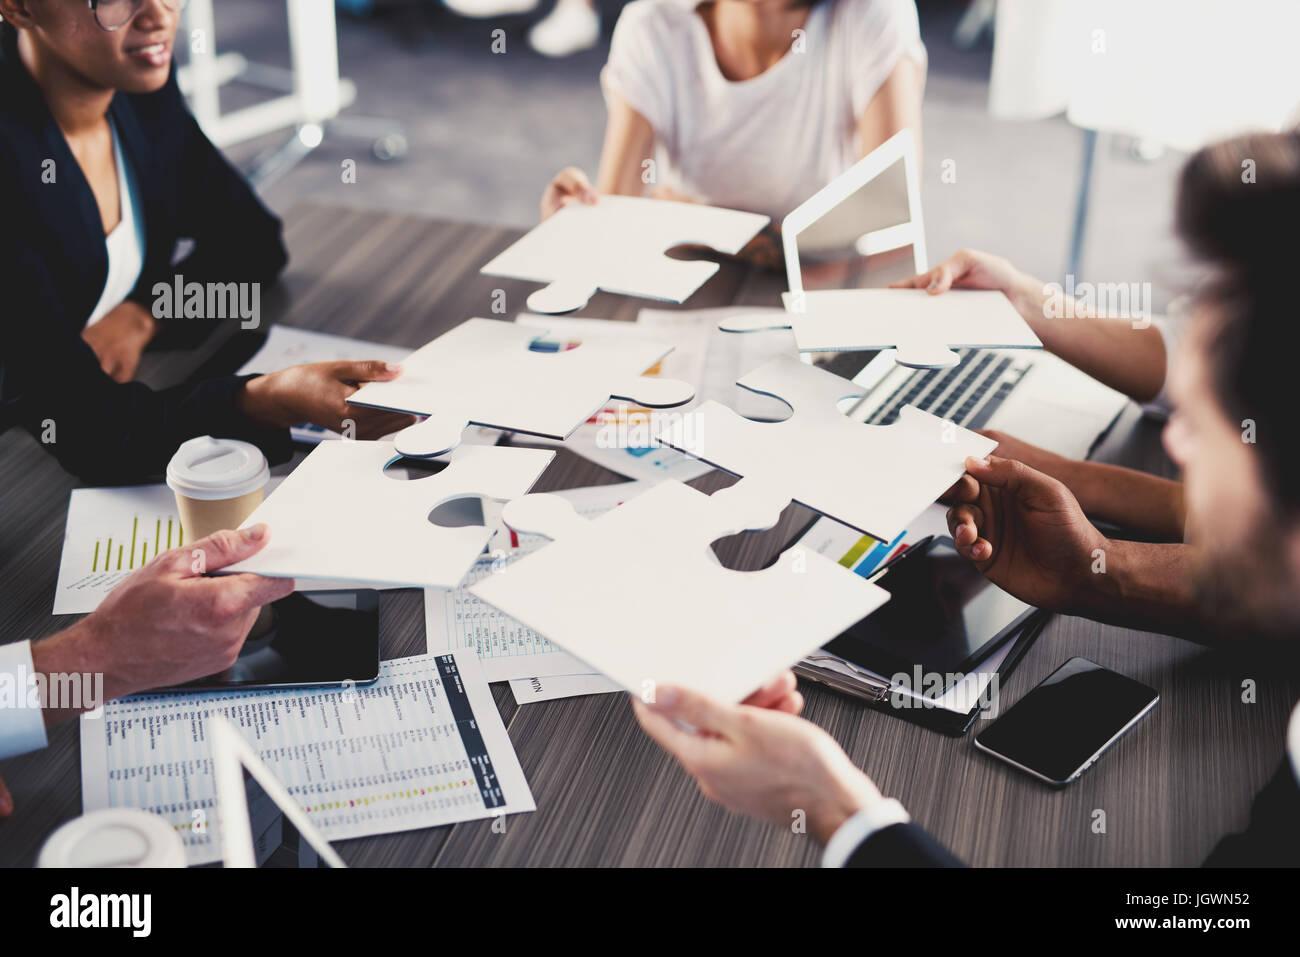 Team di uomini di affari di lavorare insieme per un obiettivo. Concetto di unità e di collaborazione Immagini Stock